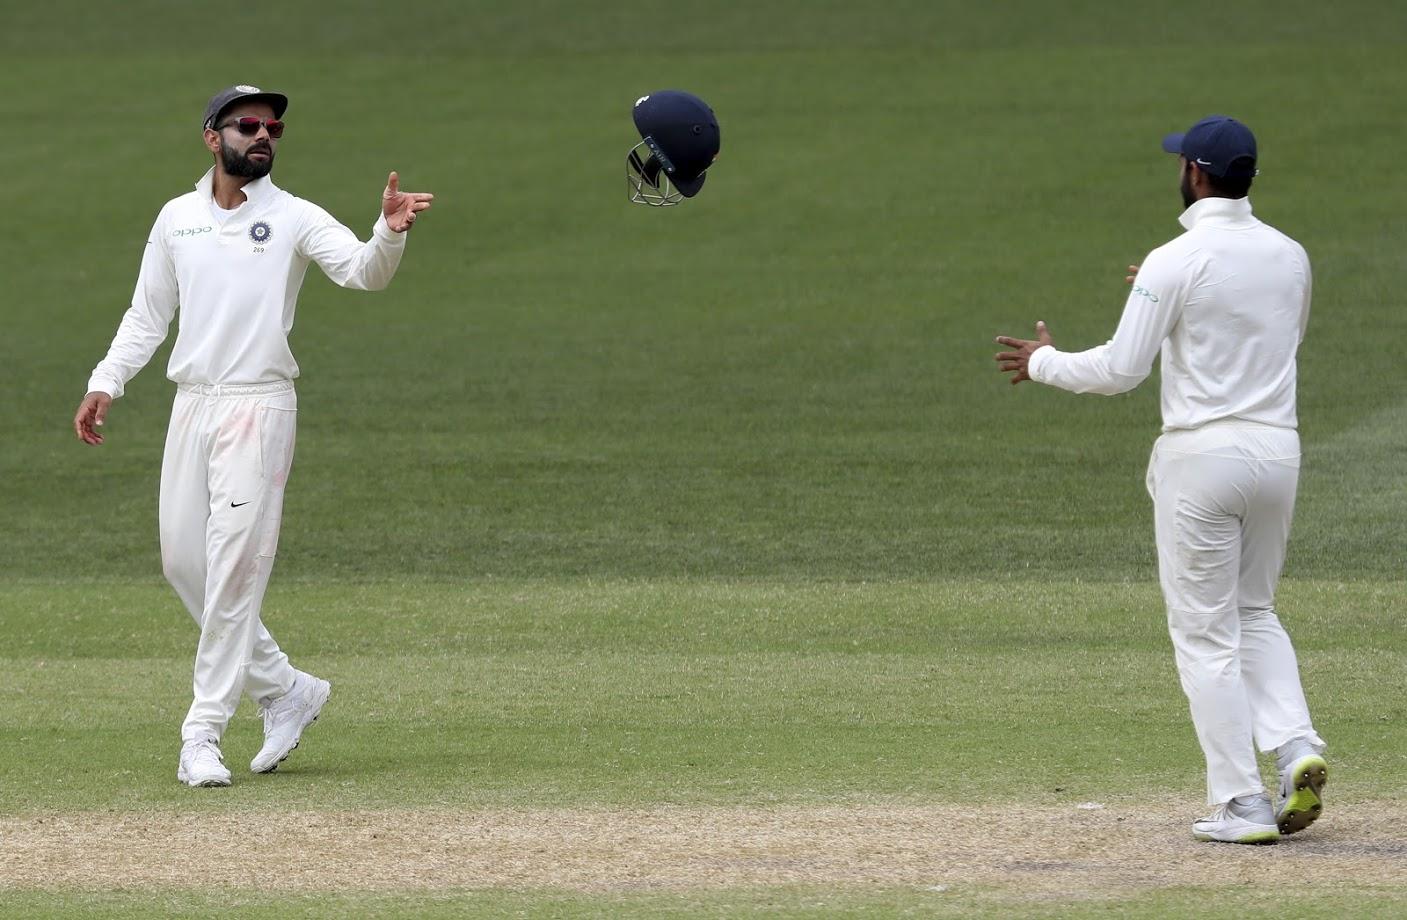 भारताने आज ऑस्ट्रेलियाला पराभूत केल्याने एक इतिहास रचला आहे. भारताने ऑस्ट्रेलियाला त्यांच्याच देशात तब्बल १० वर्षांपूर्वी धूळ चारली होती. २००८ मध्ये झालेल्या पर्थ कसोटीत भारताने विजय मिळवला होता.